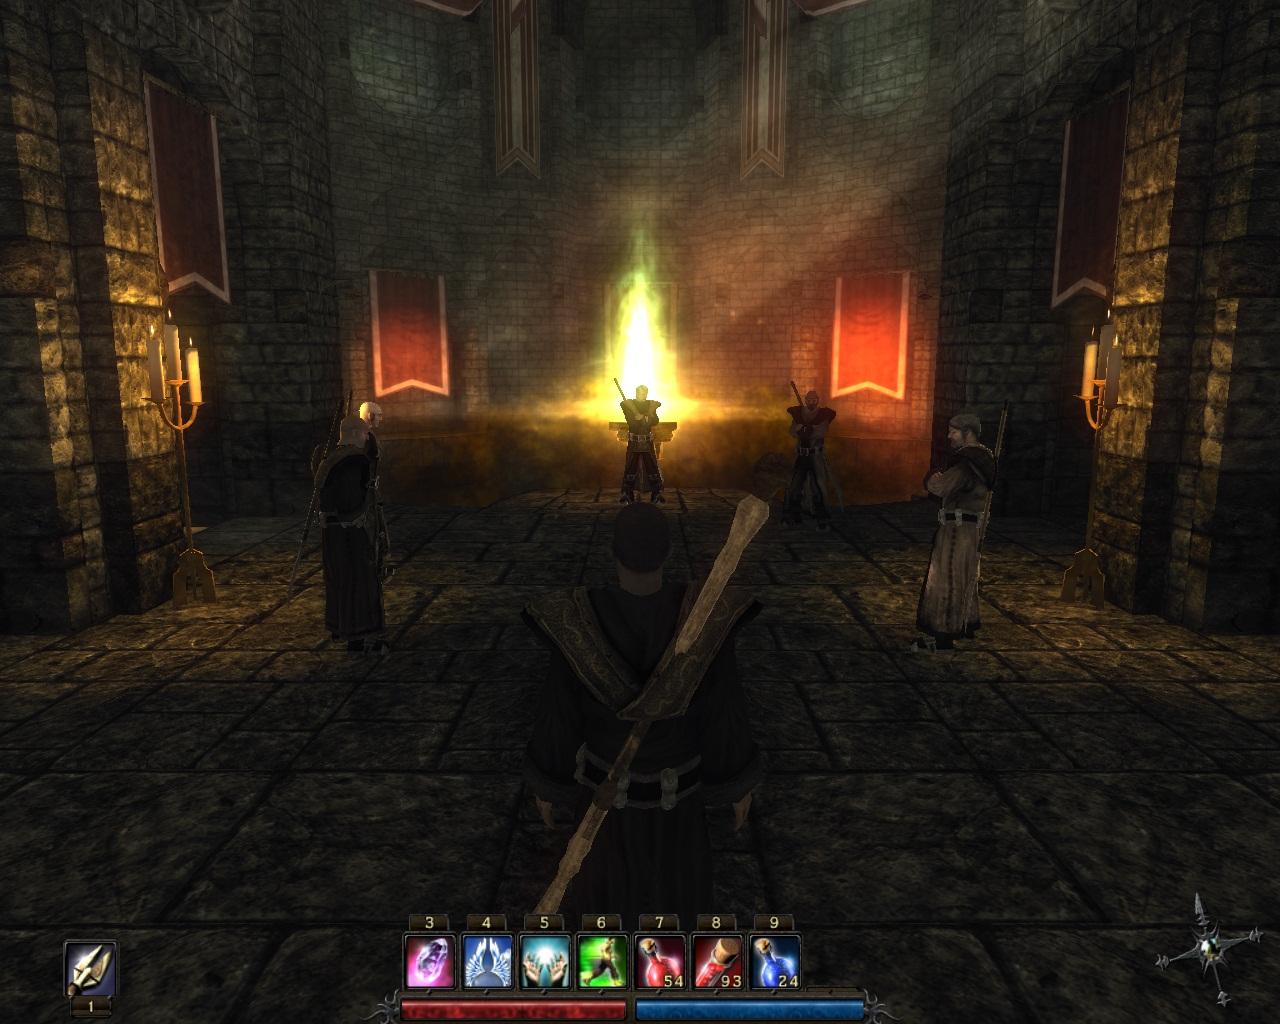 игры типа the elder scrolls iv oblivion